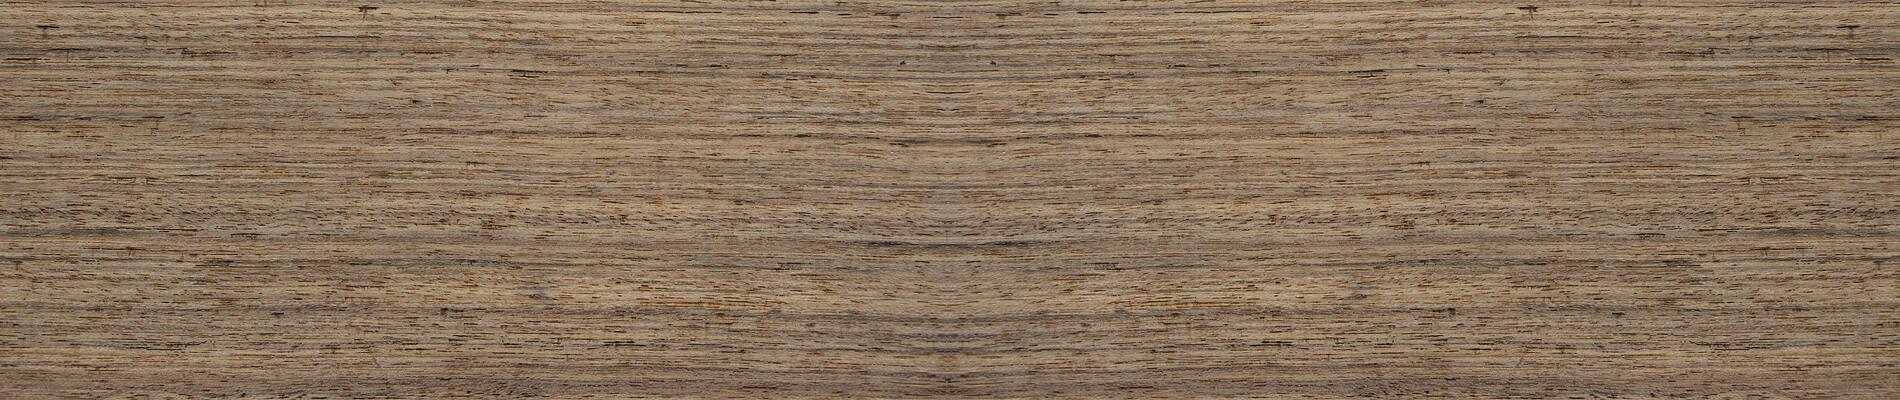 Essence de bois tropical oliver bois exotiques essarbois for Essences de bois exotiques